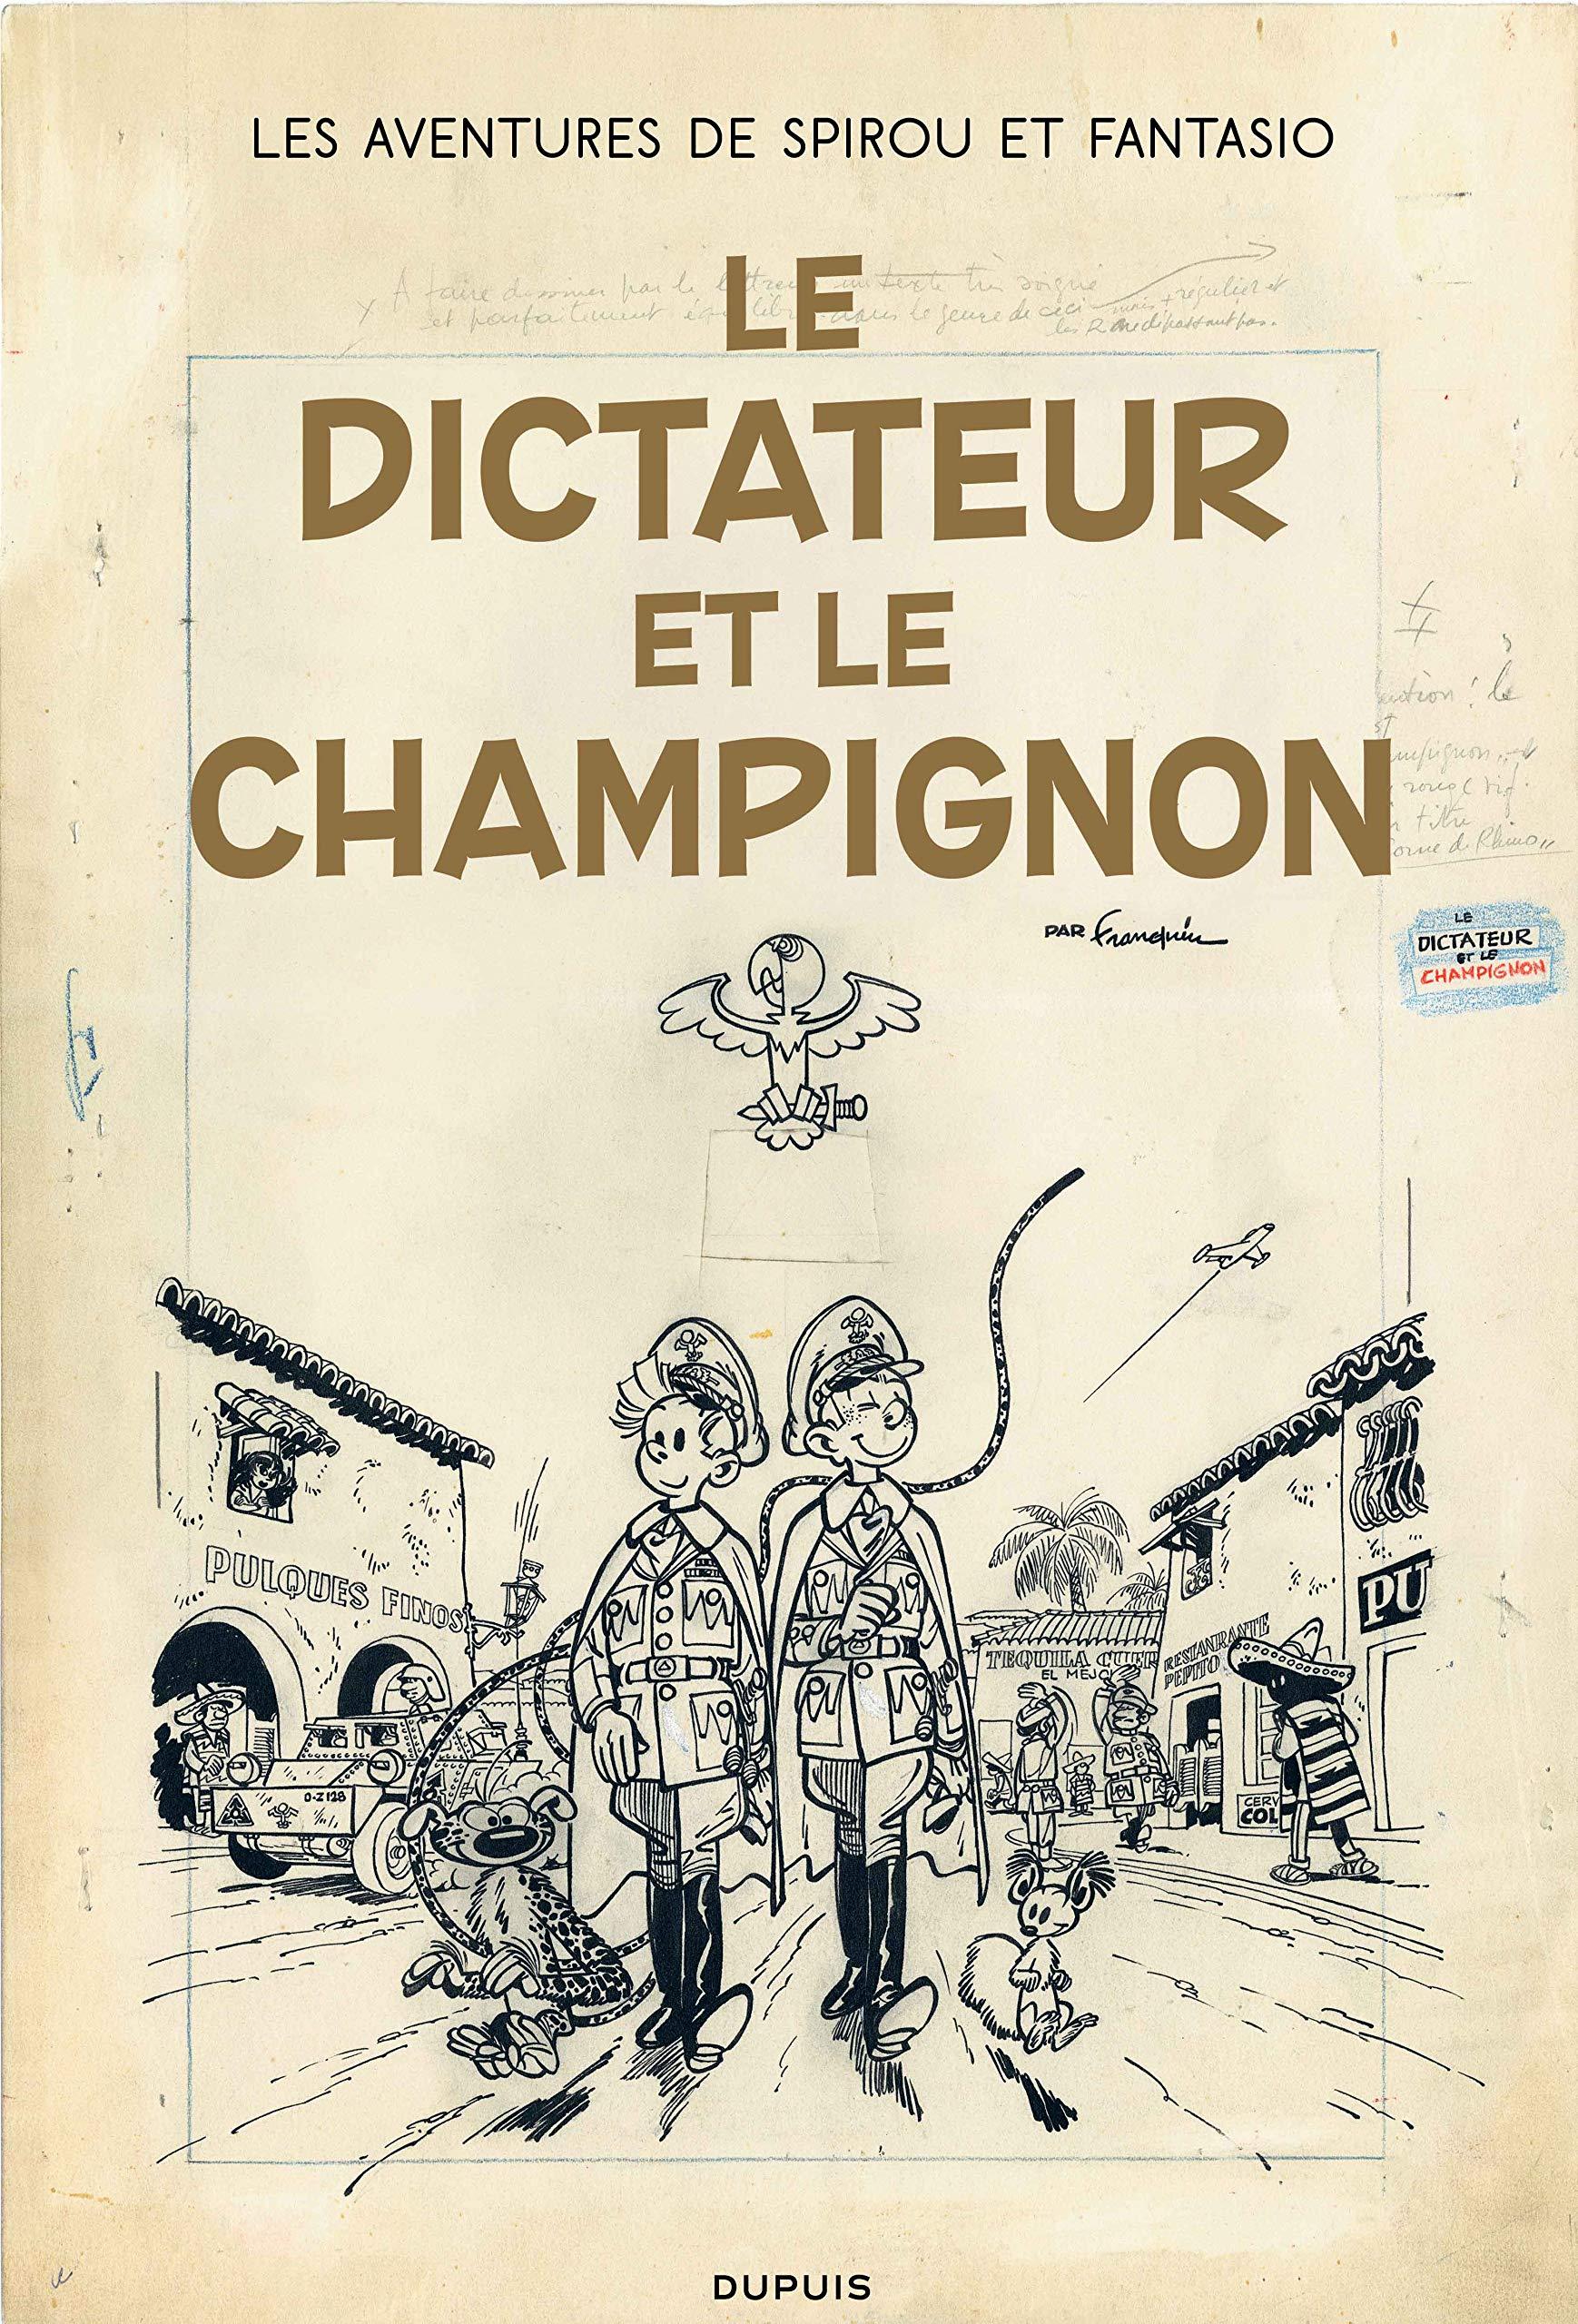 Les aventures de Spirou et Fantasio 23 - Le dictateur et le champignon